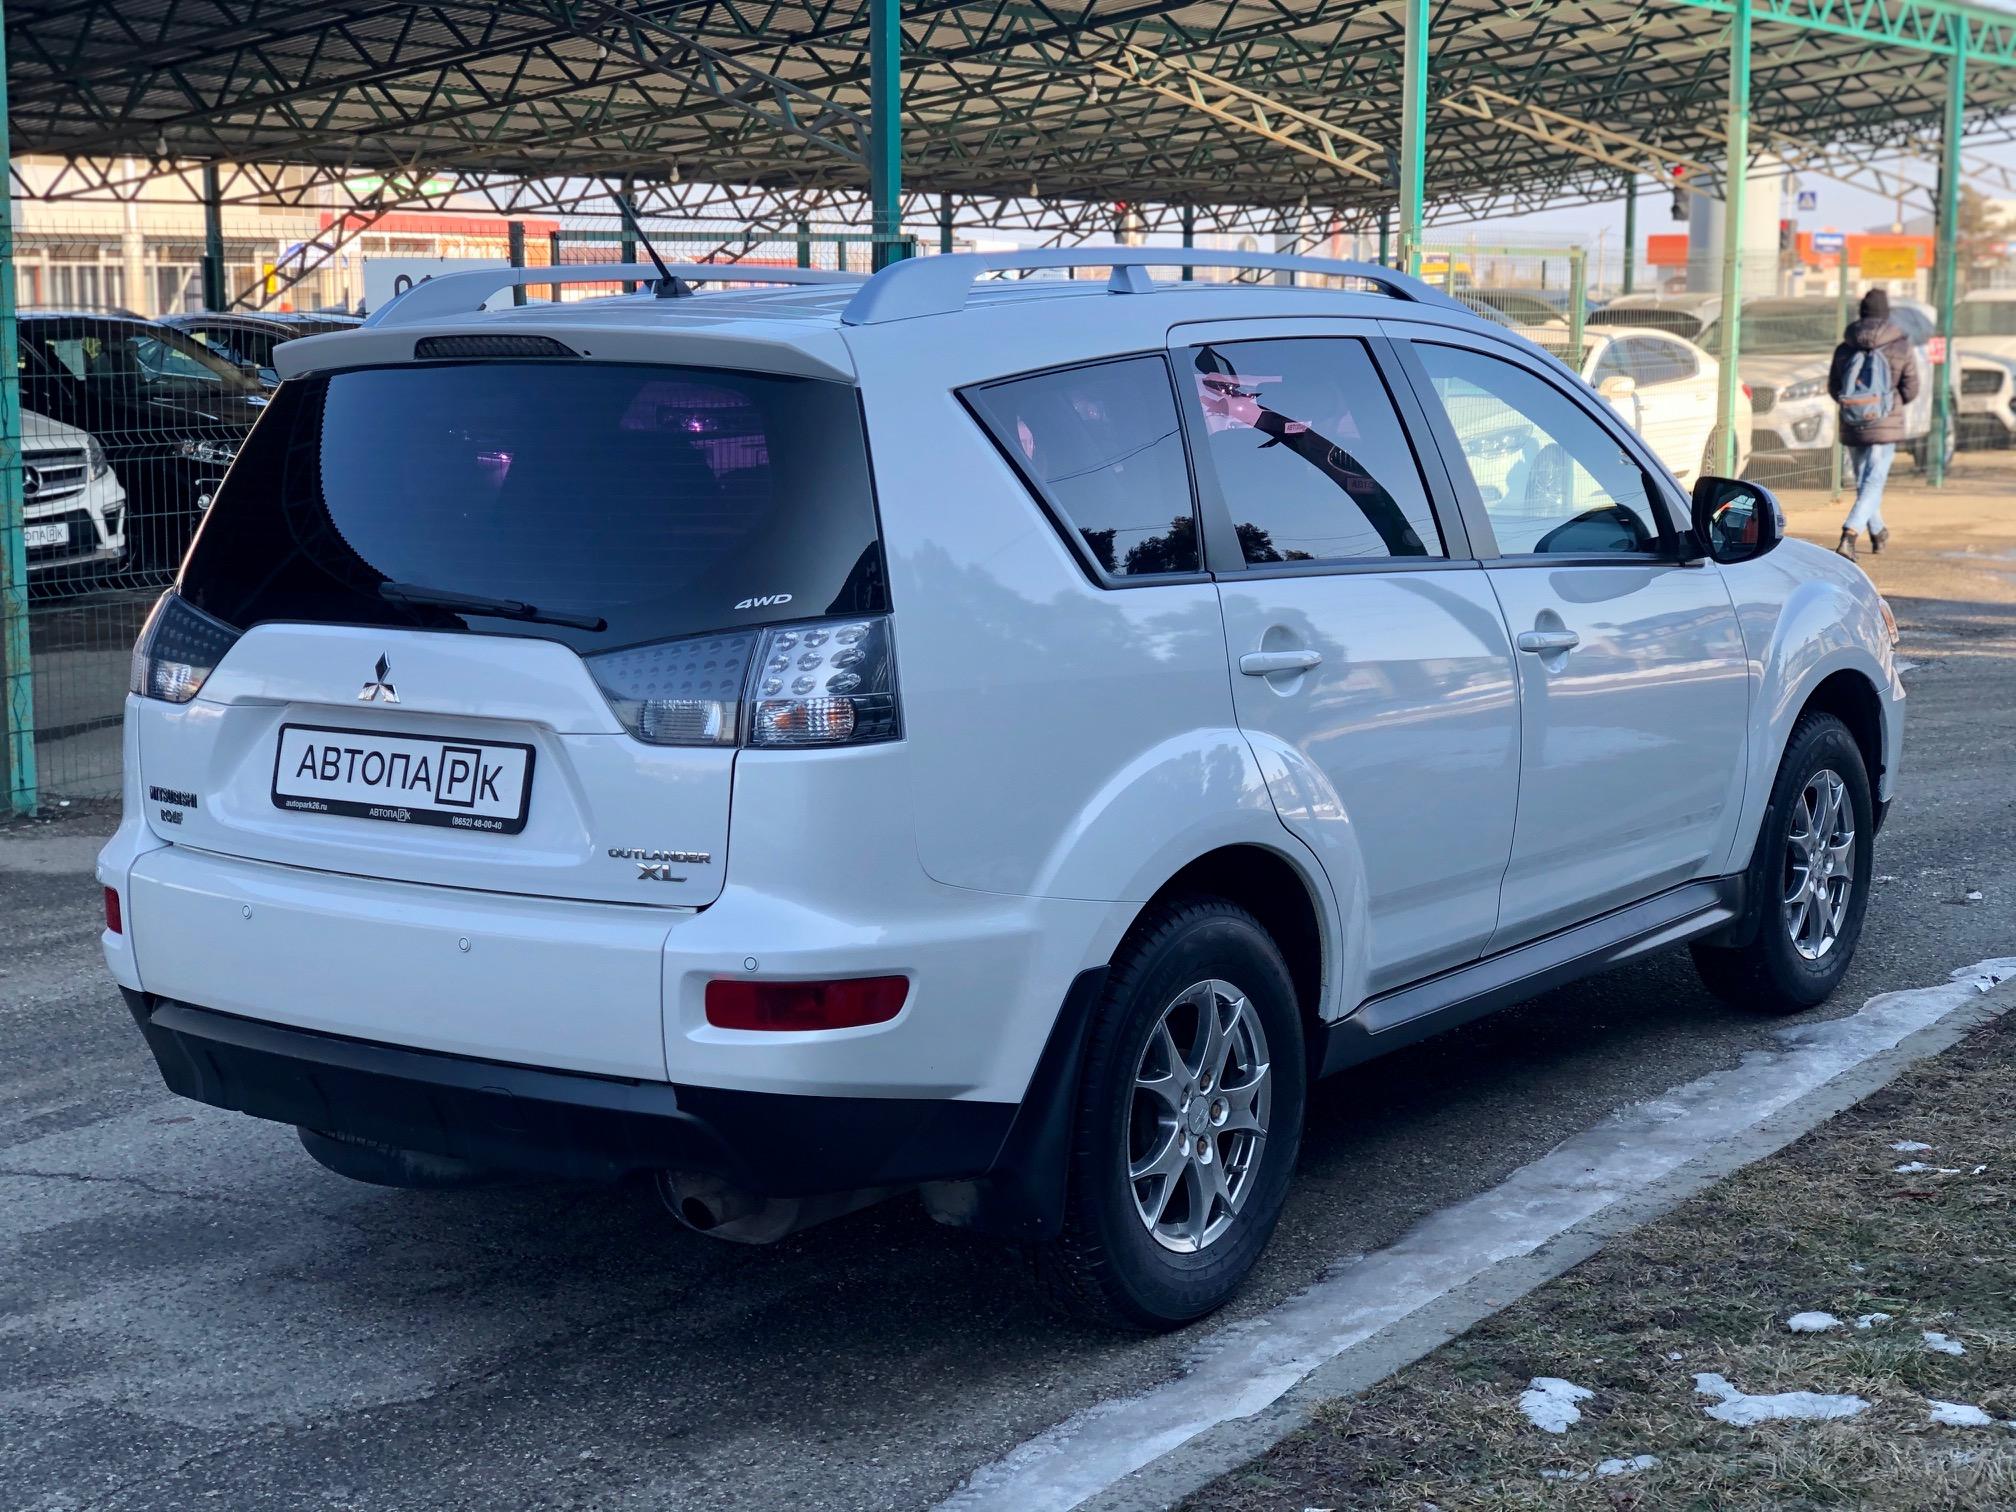 Купить Mitsubishi Outlander (Белый) - Автопарк Ставрополь